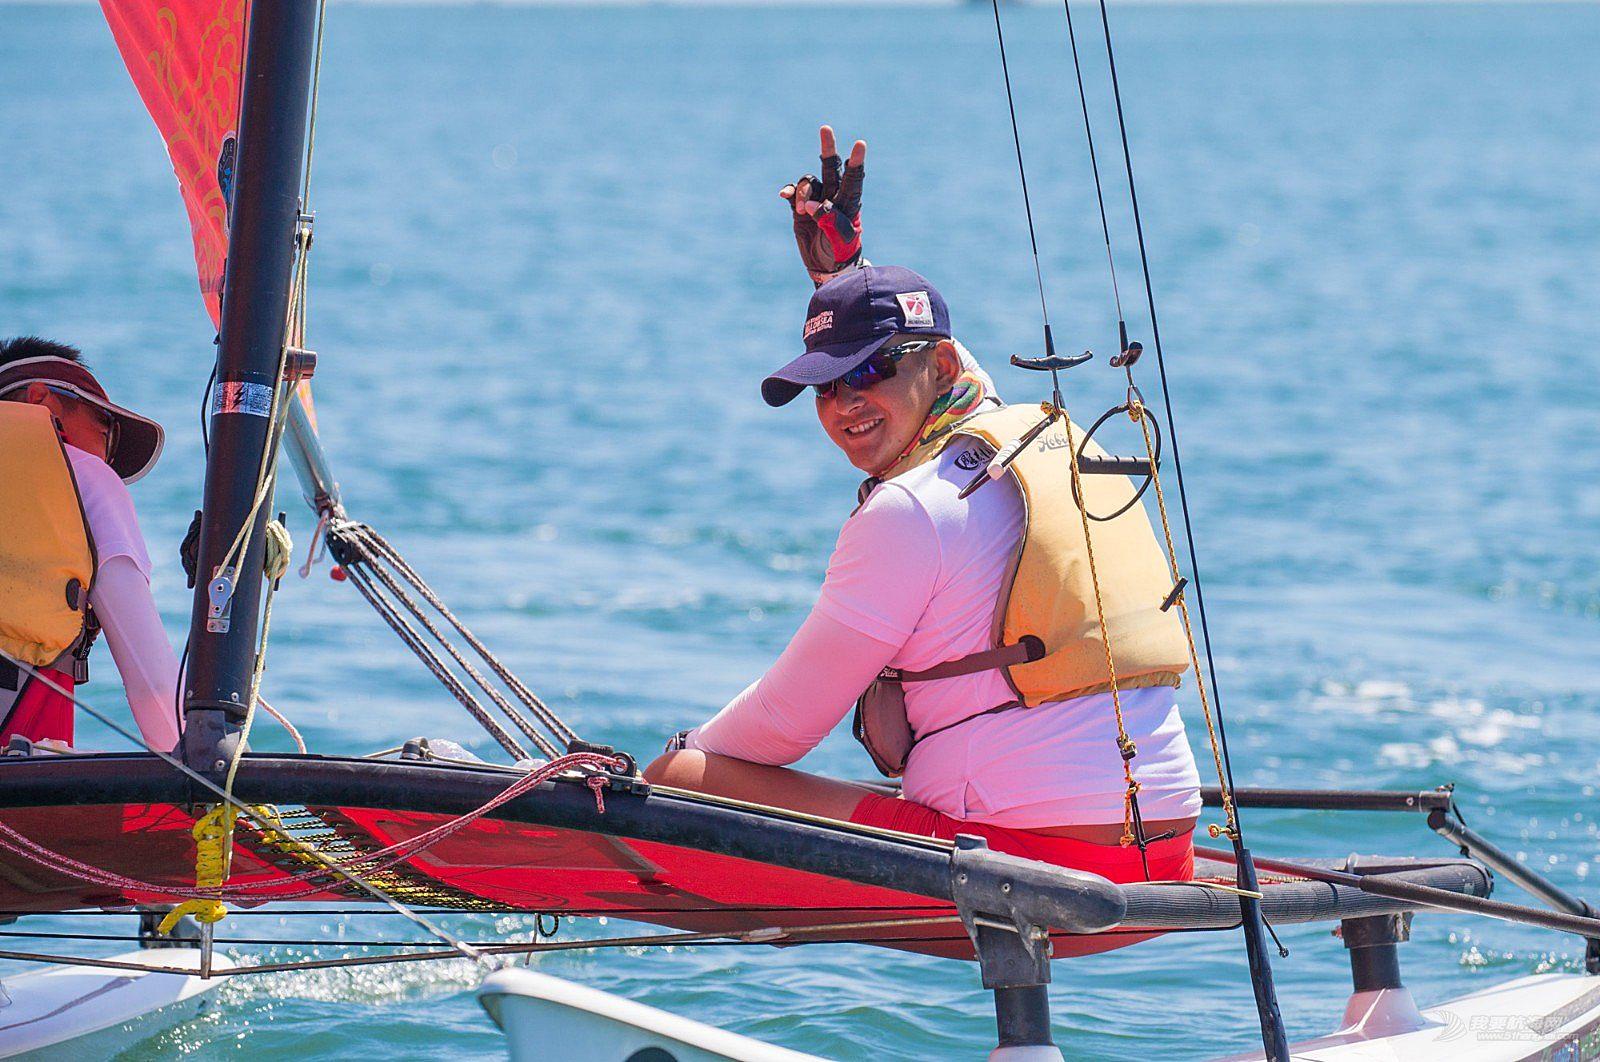 2018鲁能.希尔顿杯大连金石滩国际帆船邀请赛赛事图片贴3